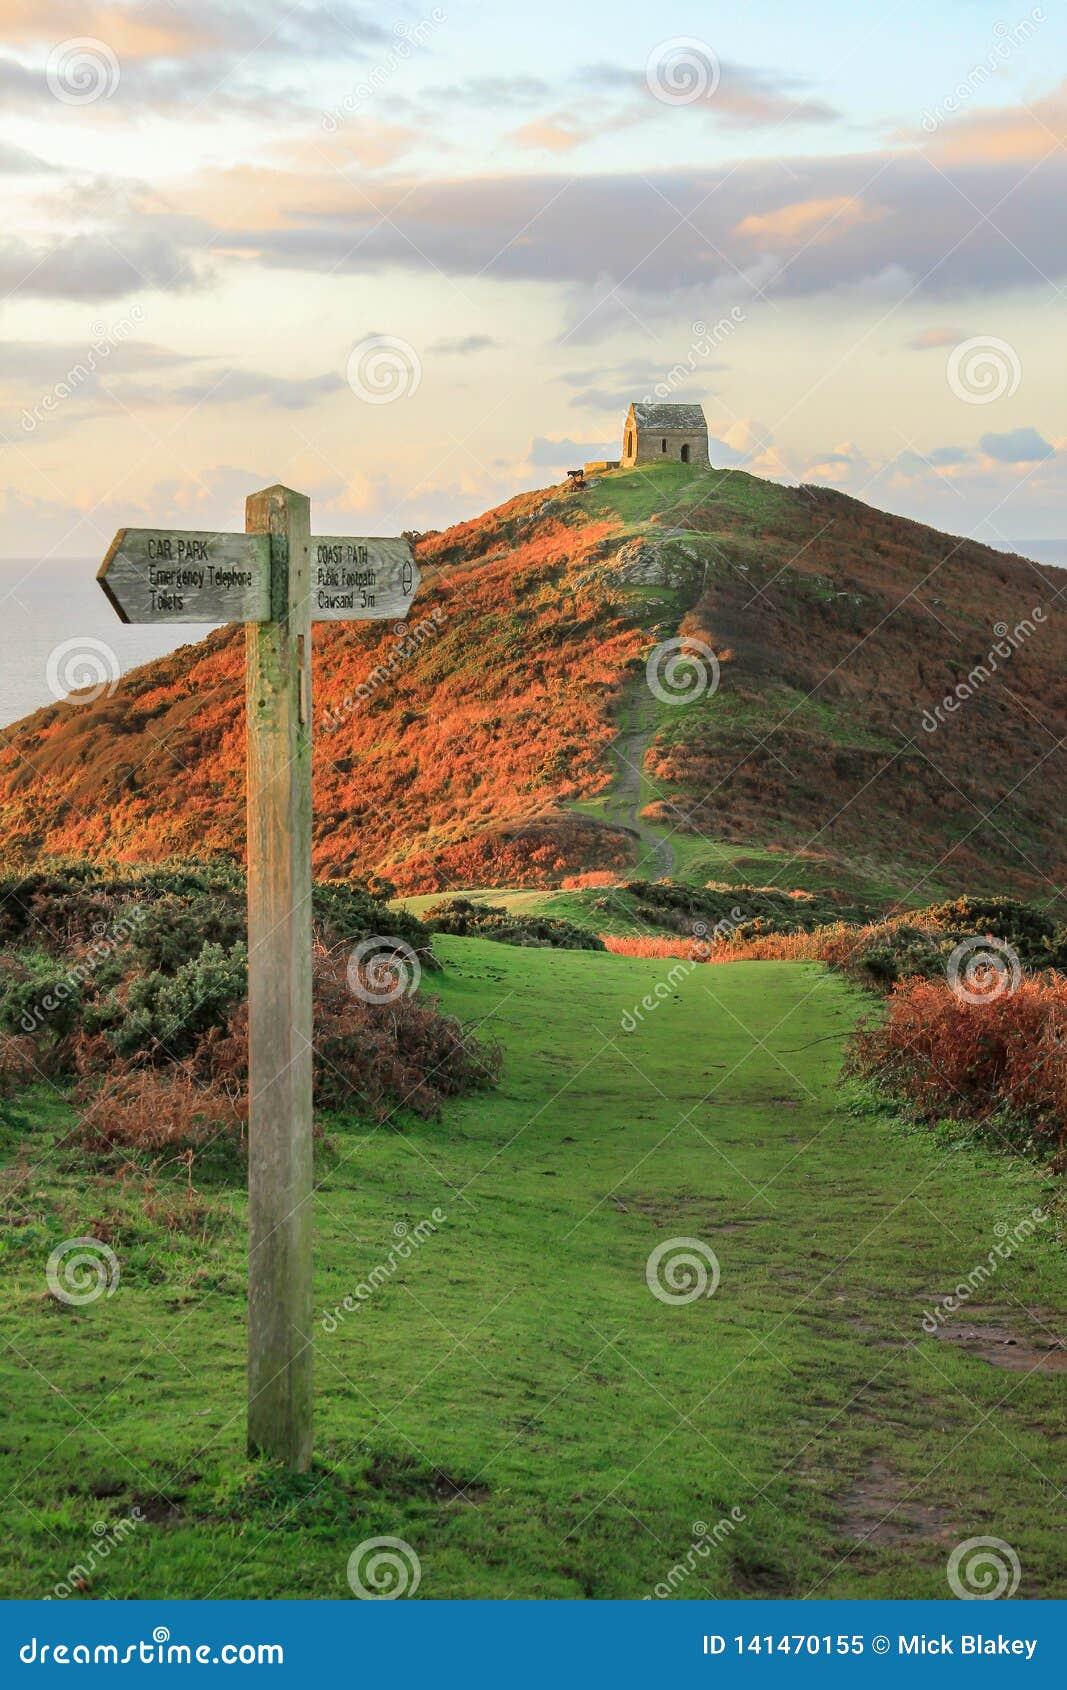 Тропа и Signage на голове Penisula Rame, водя к загубленной часовне, юго-восточный Корнуолл